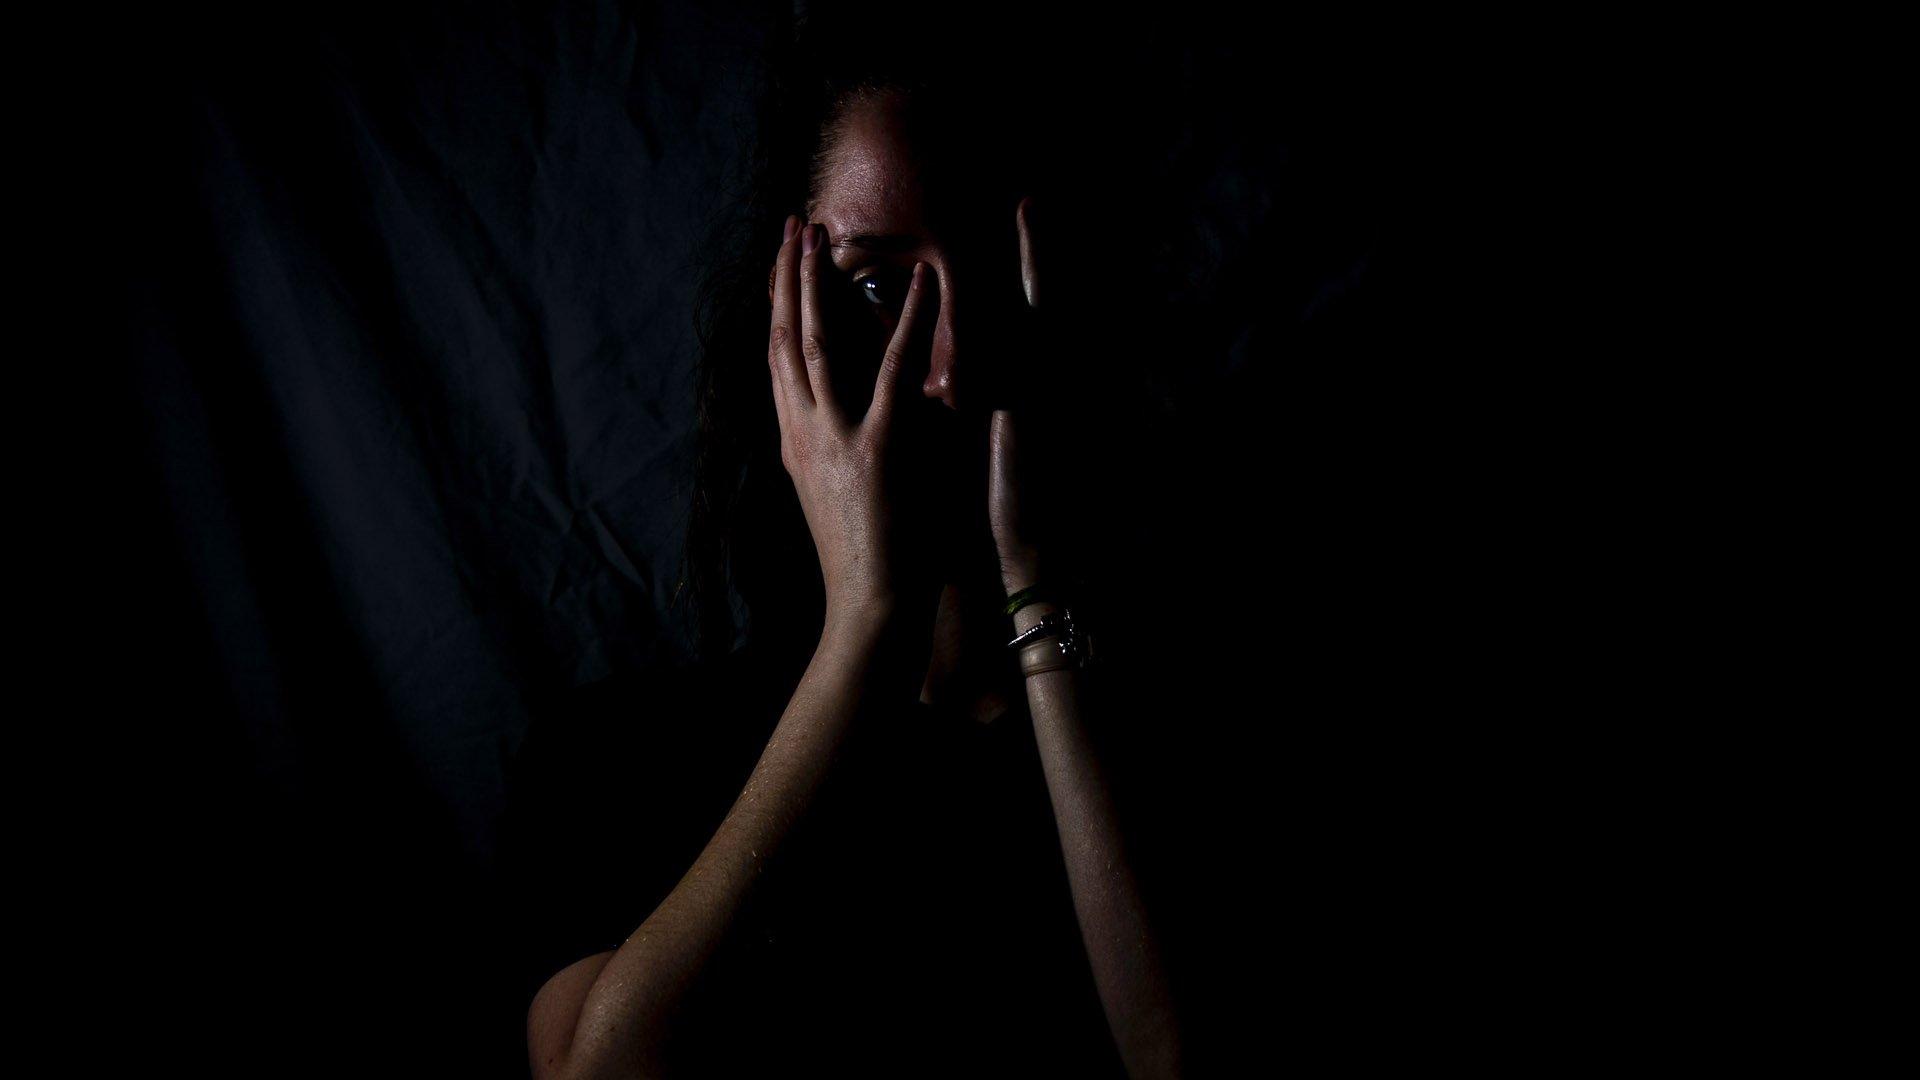 La violenza psicologica colpisce le donne come quella fisica